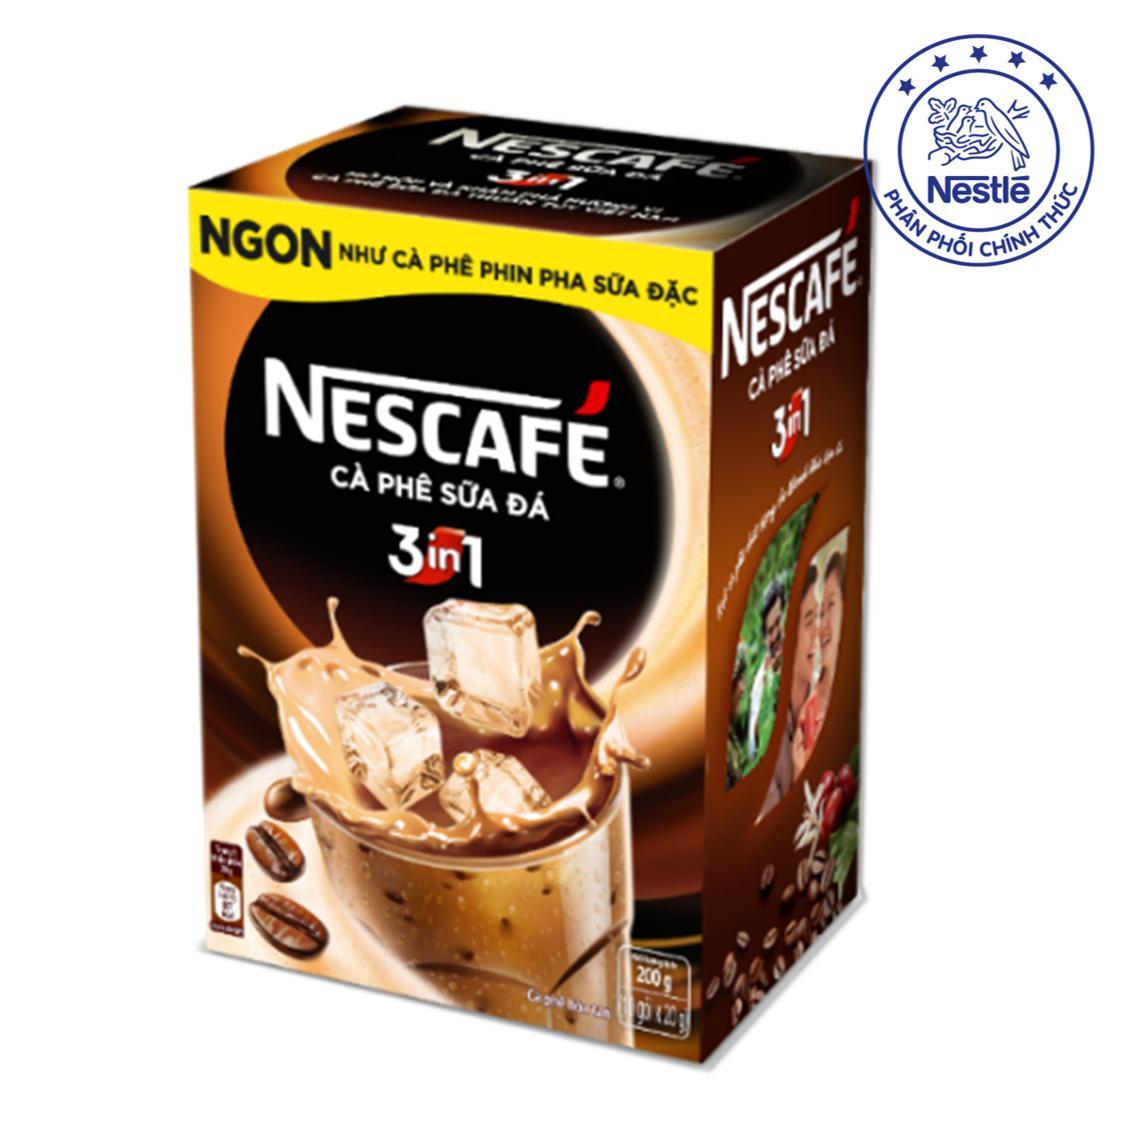 NESCAFÉ Cà Phê Sữa Đá 3 trong 1 ( Hộp 10 gói x 20g)